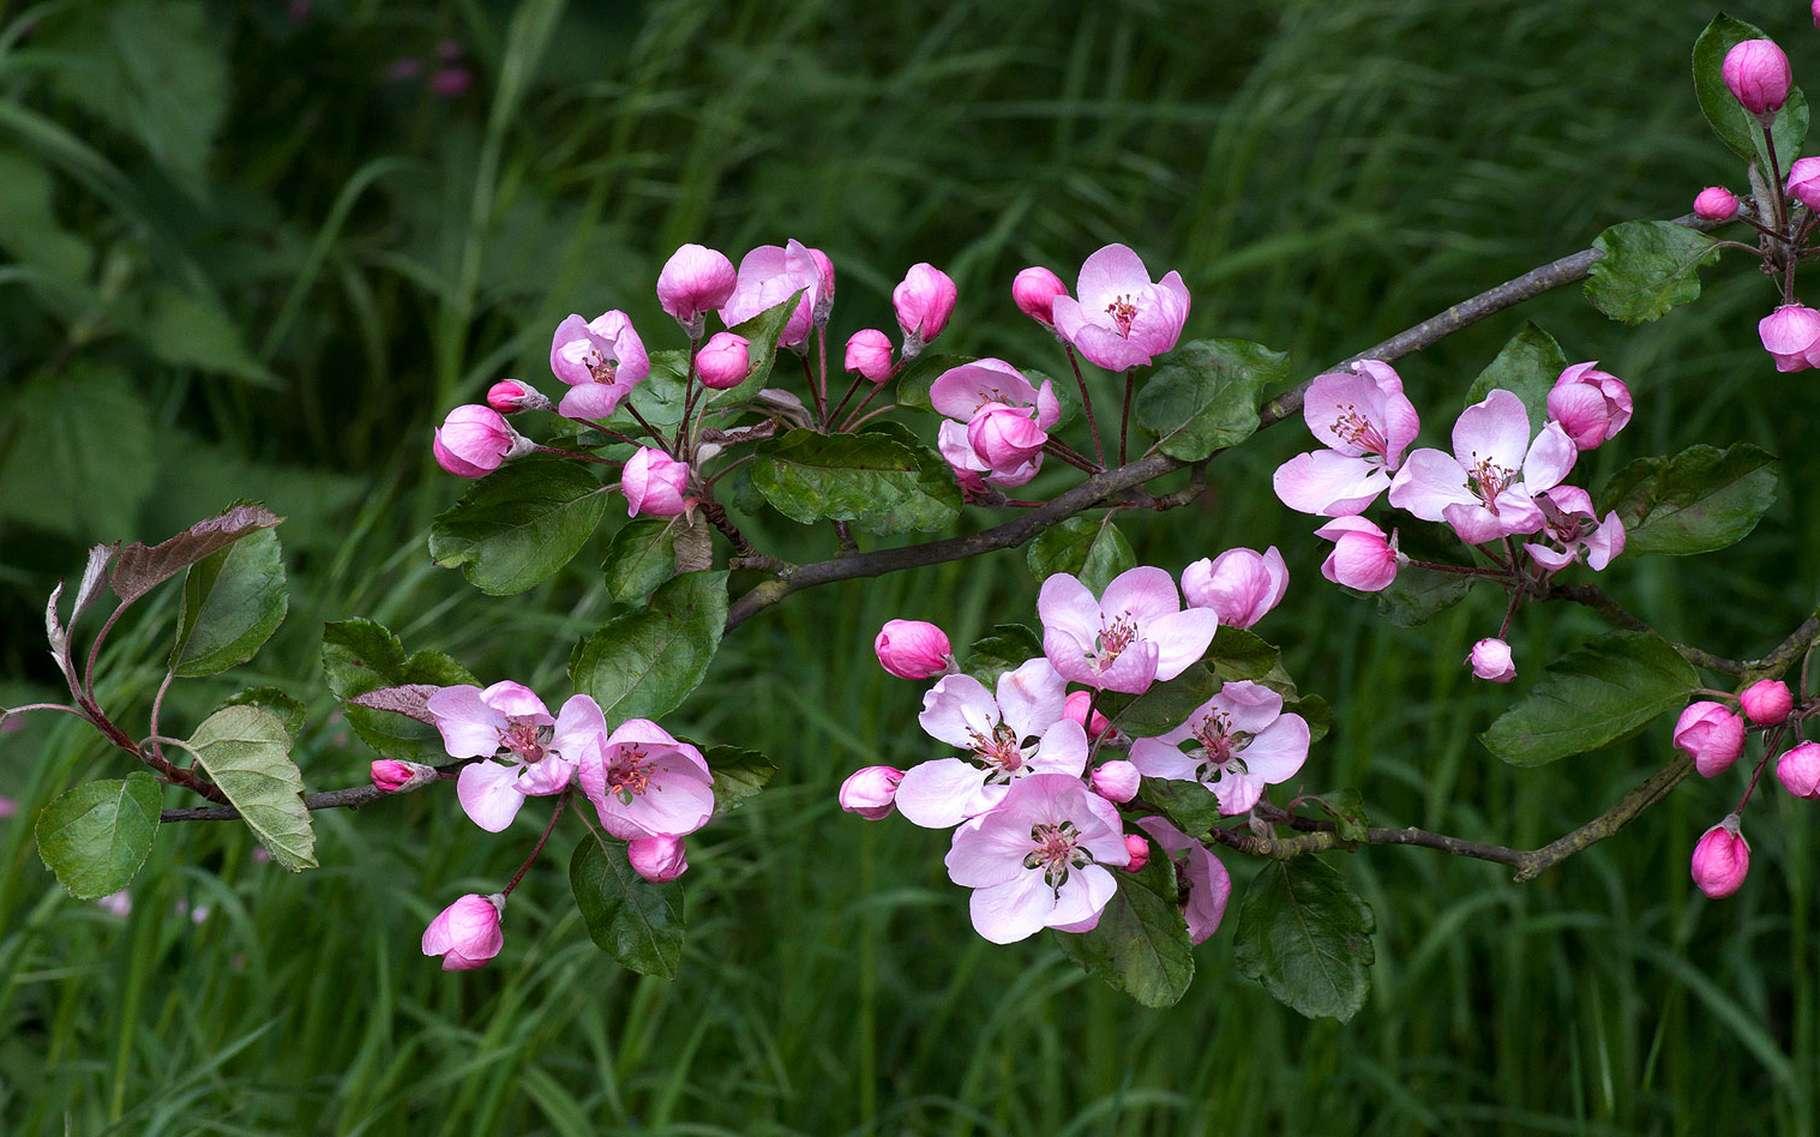 Le pommier d'ornement fait partie de la famille des rosacées. © LBaphoto, Flickr CC by nd 2.0